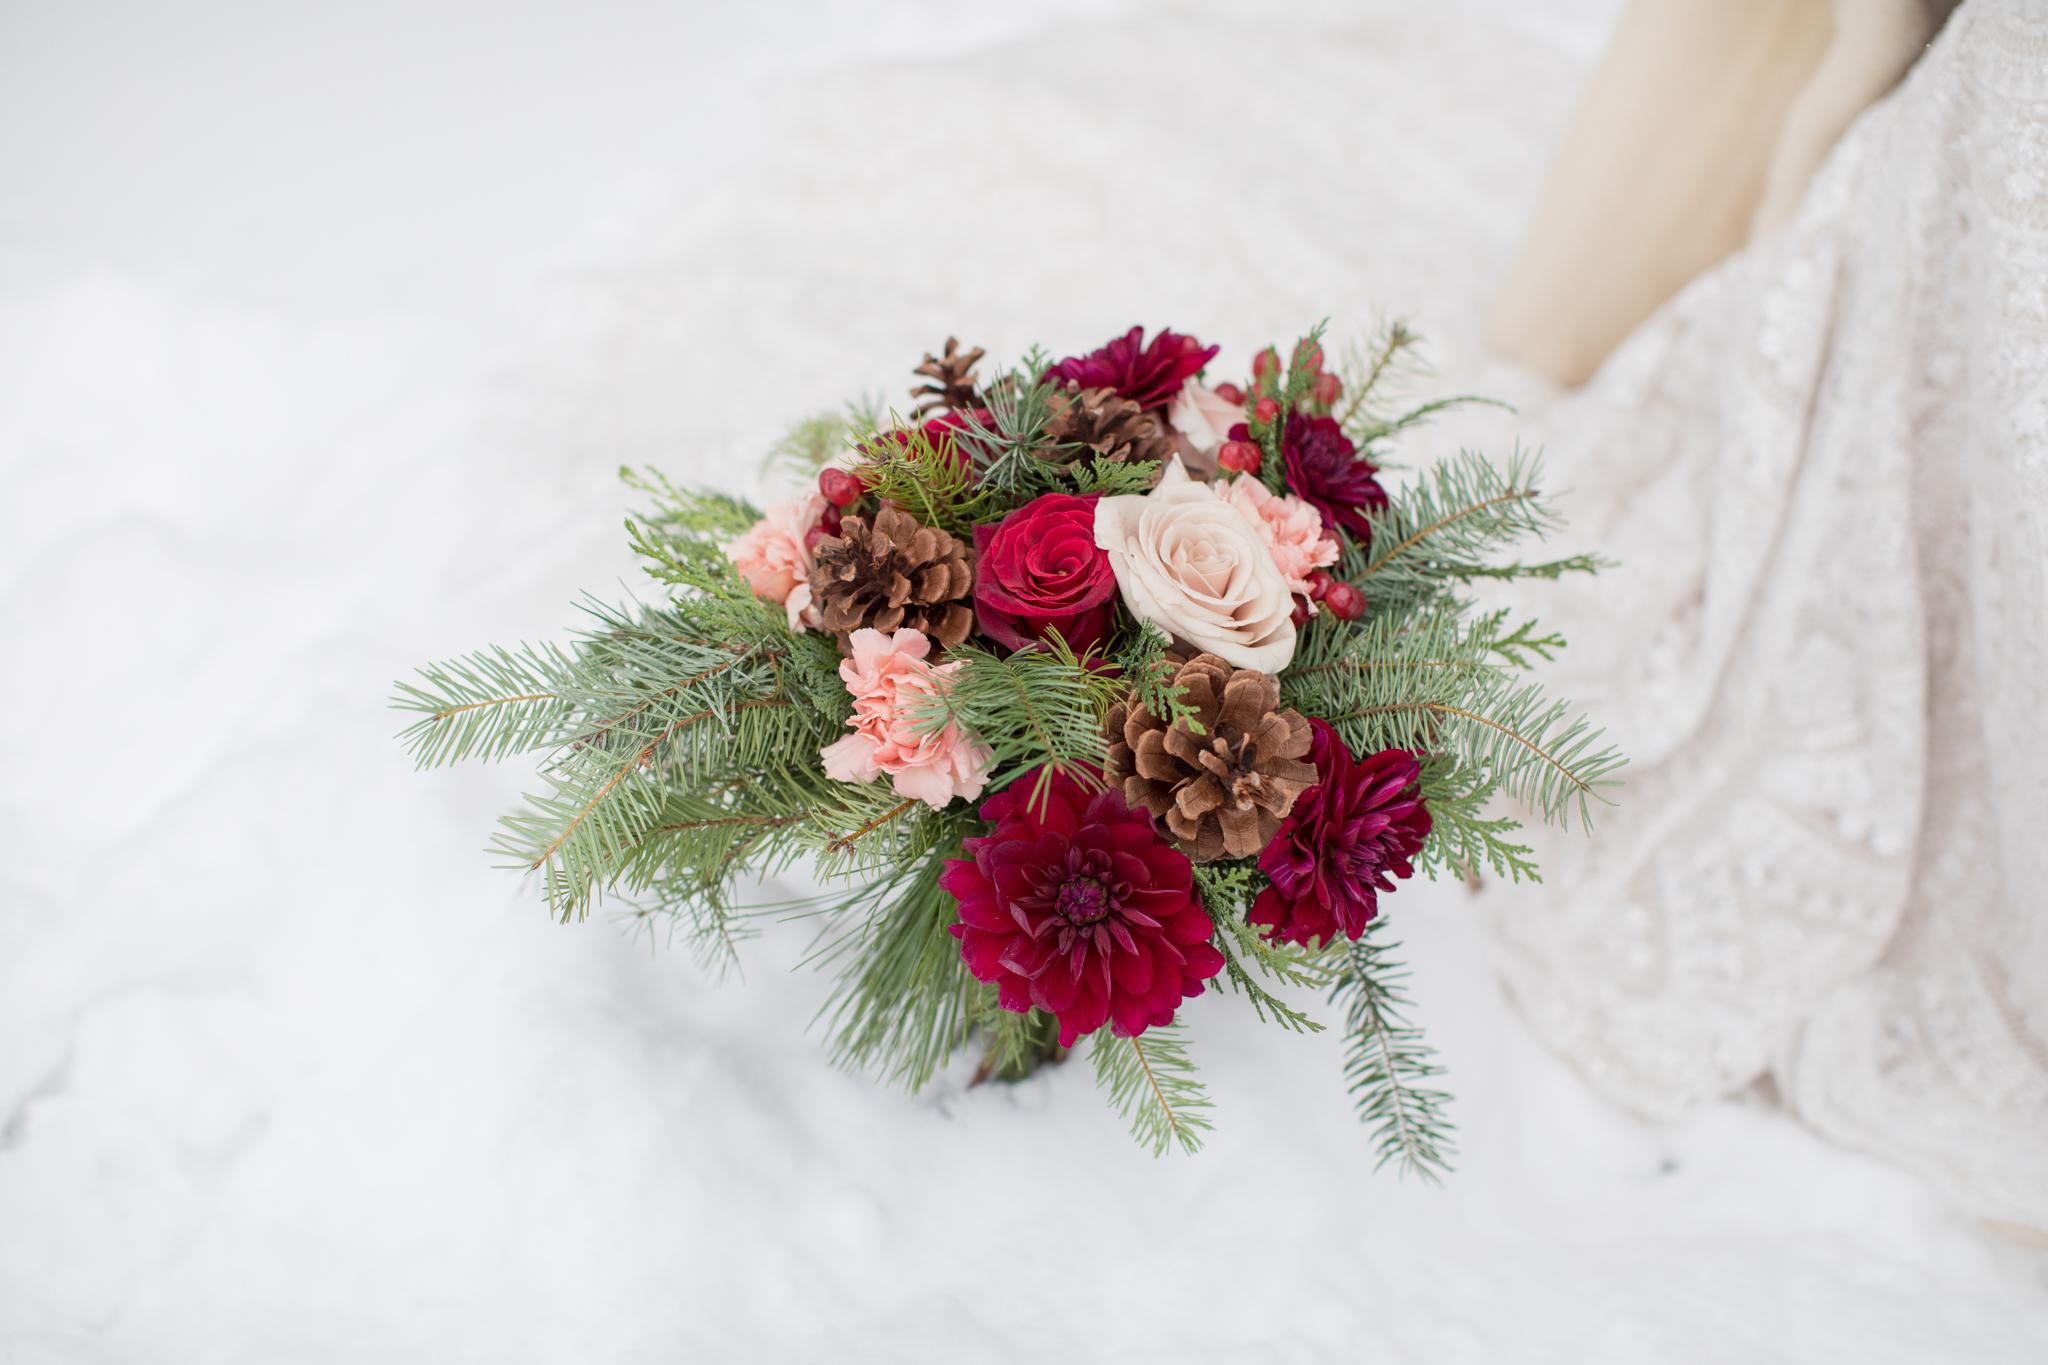 Lodge at Breckenridge Winter Wedding Bouquet